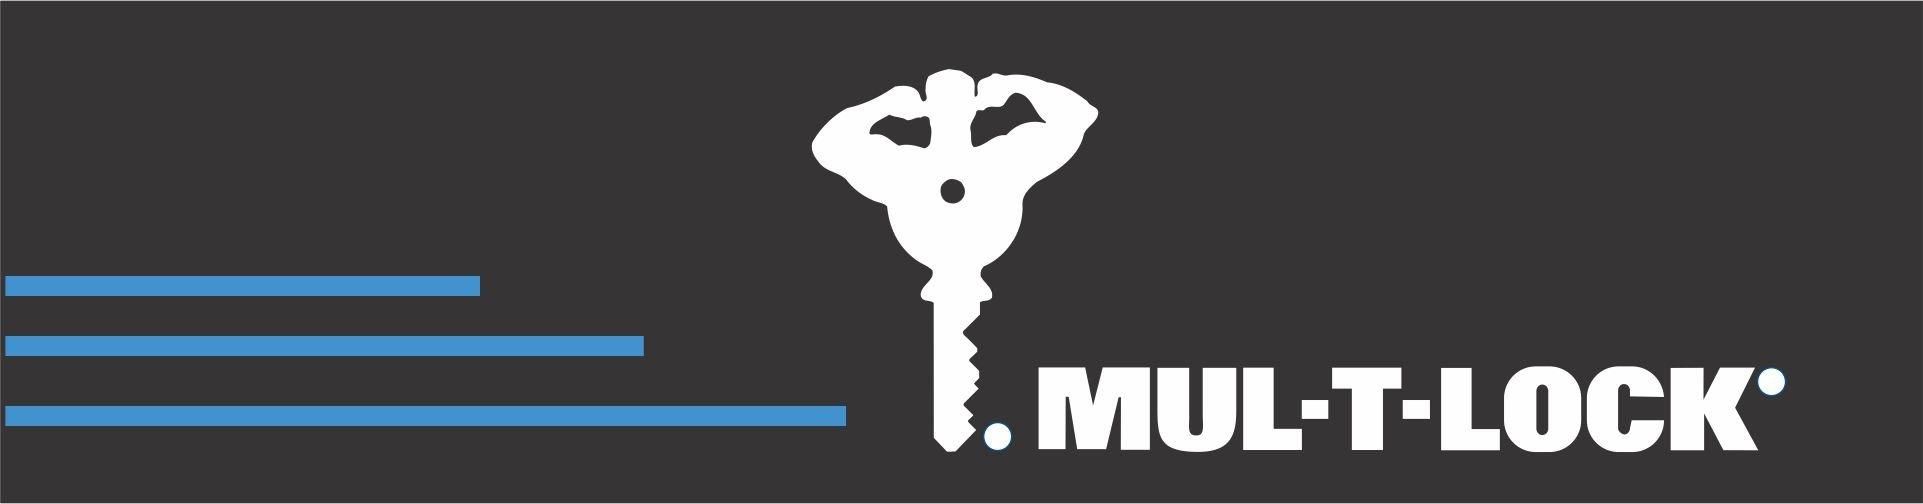 cerraduras de seguridad multilock